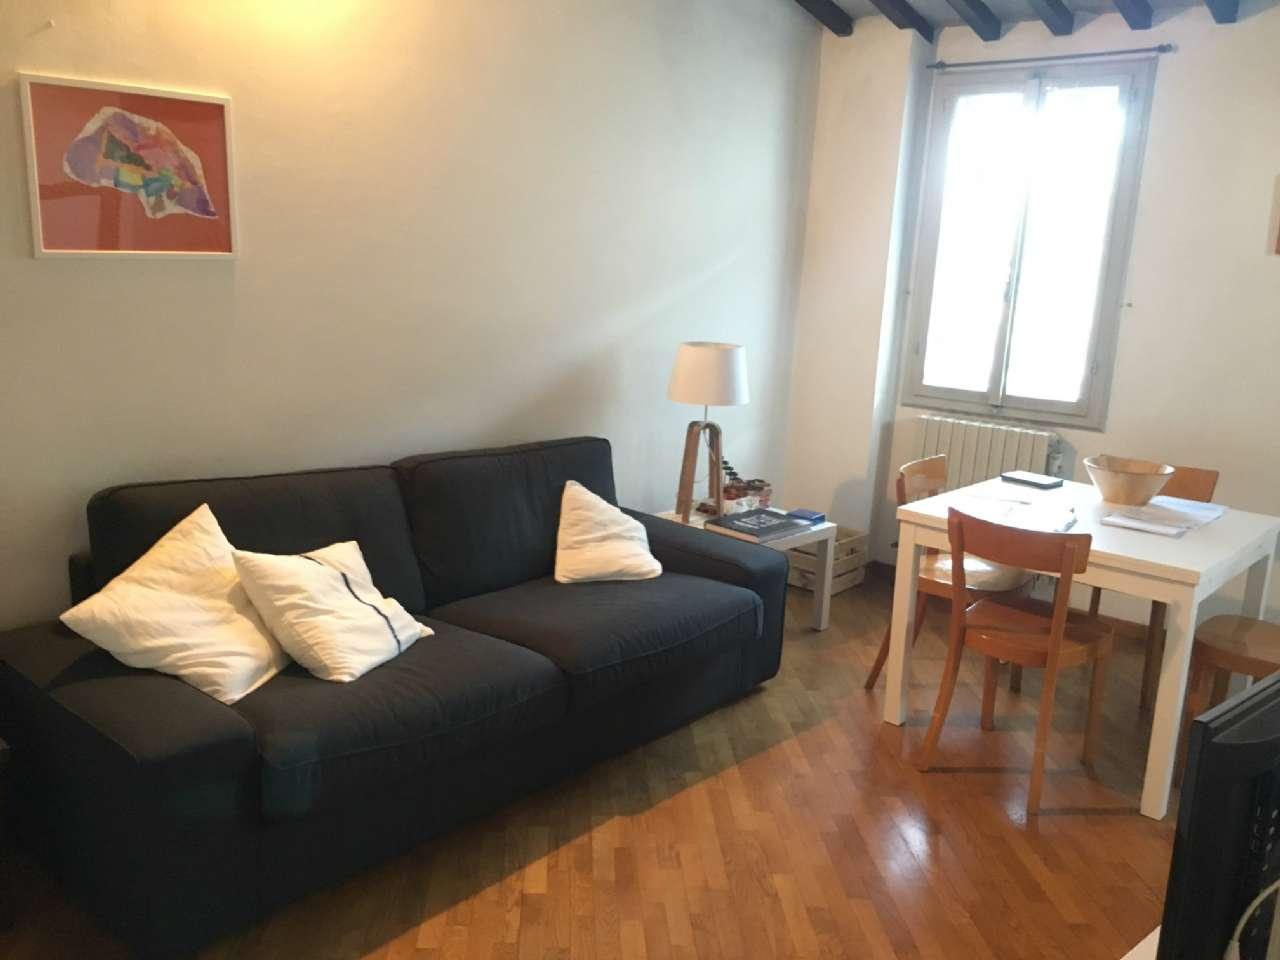 Attico / Mansarda in affitto a Perugia, 2 locali, prezzo € 450   Cambio Casa.it